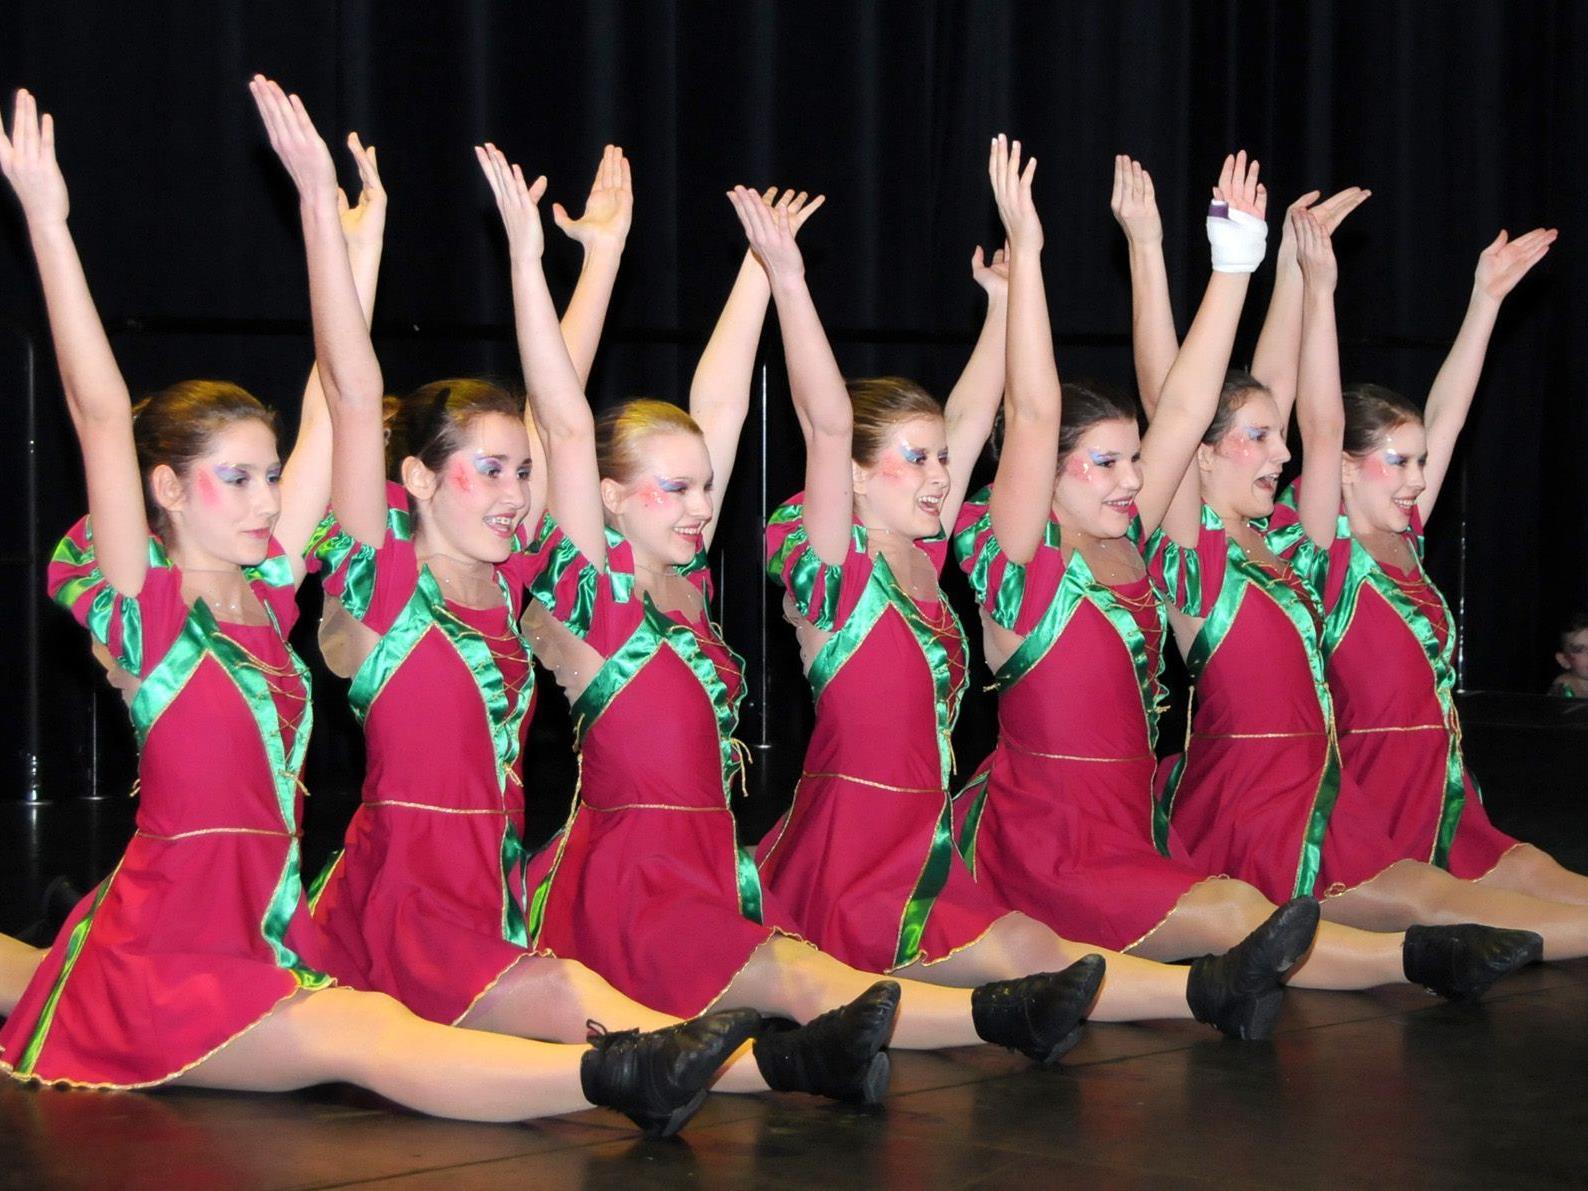 Die Bregenzer Prinzengarde ist am 11.11. mit dabei. Mädchen ab 5 sind zum Mitmachen eingeladen.